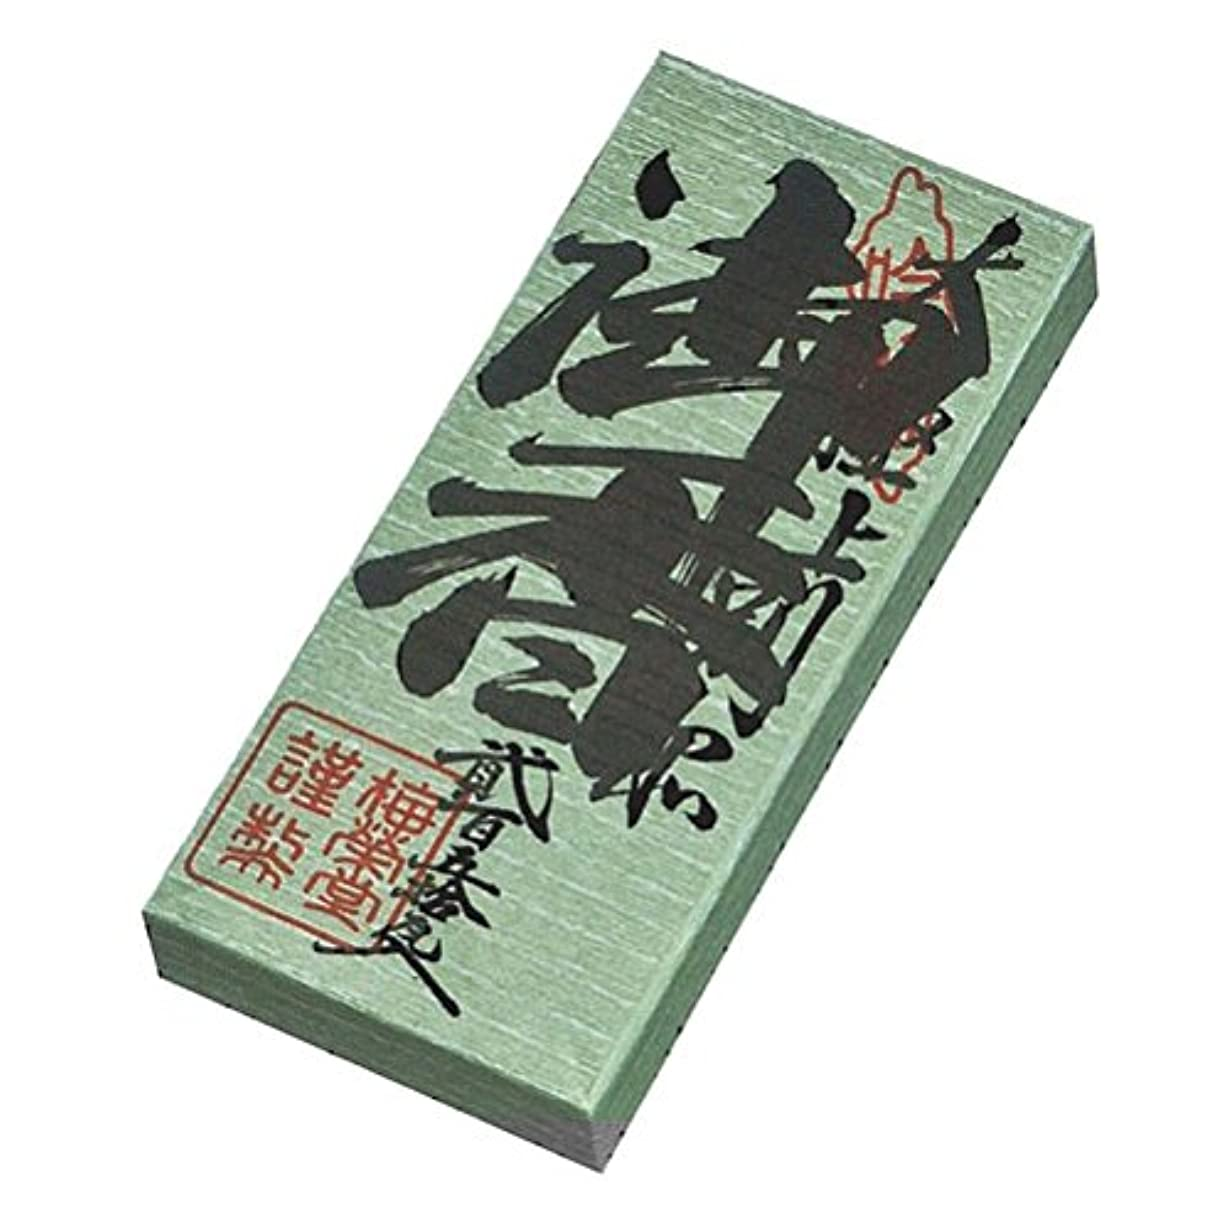 インストラクターメディカルサラミ超徳印 250g 紙箱入り お焼香 梅栄堂